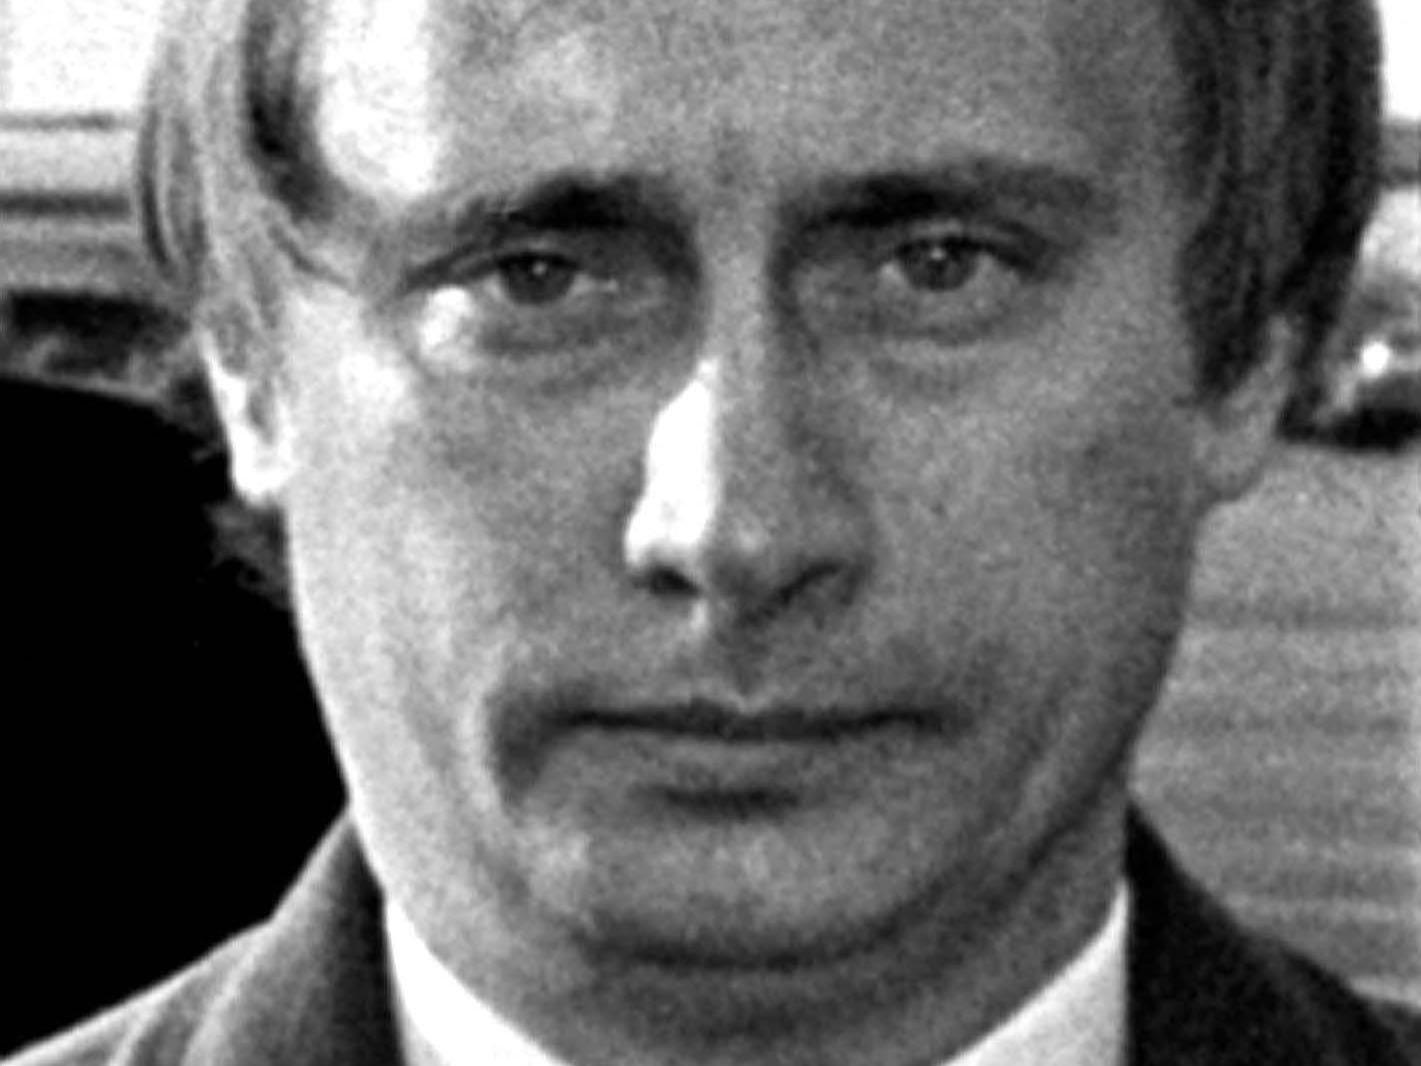 The former 'Kremlin banker' describes how Putin's mind works